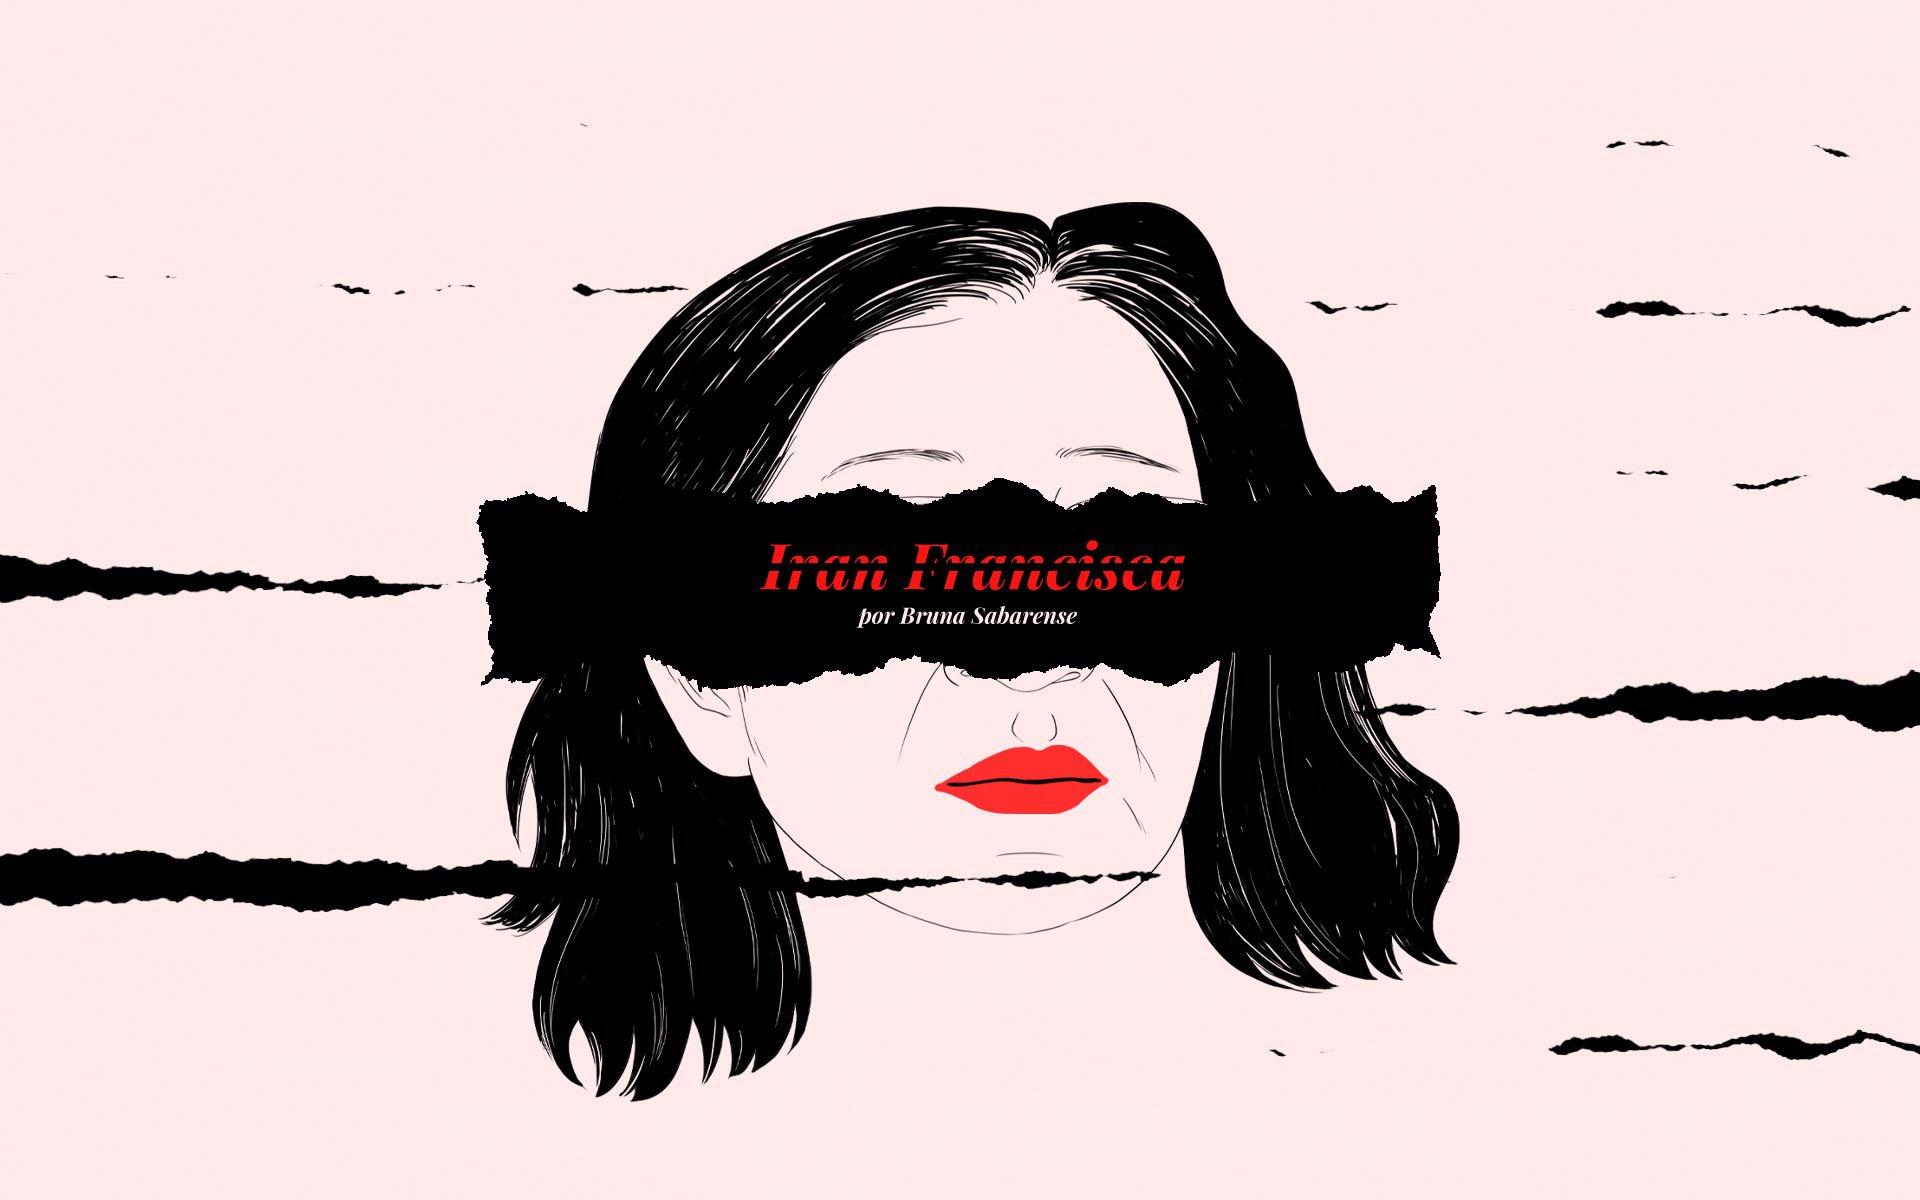 Iran Francisca